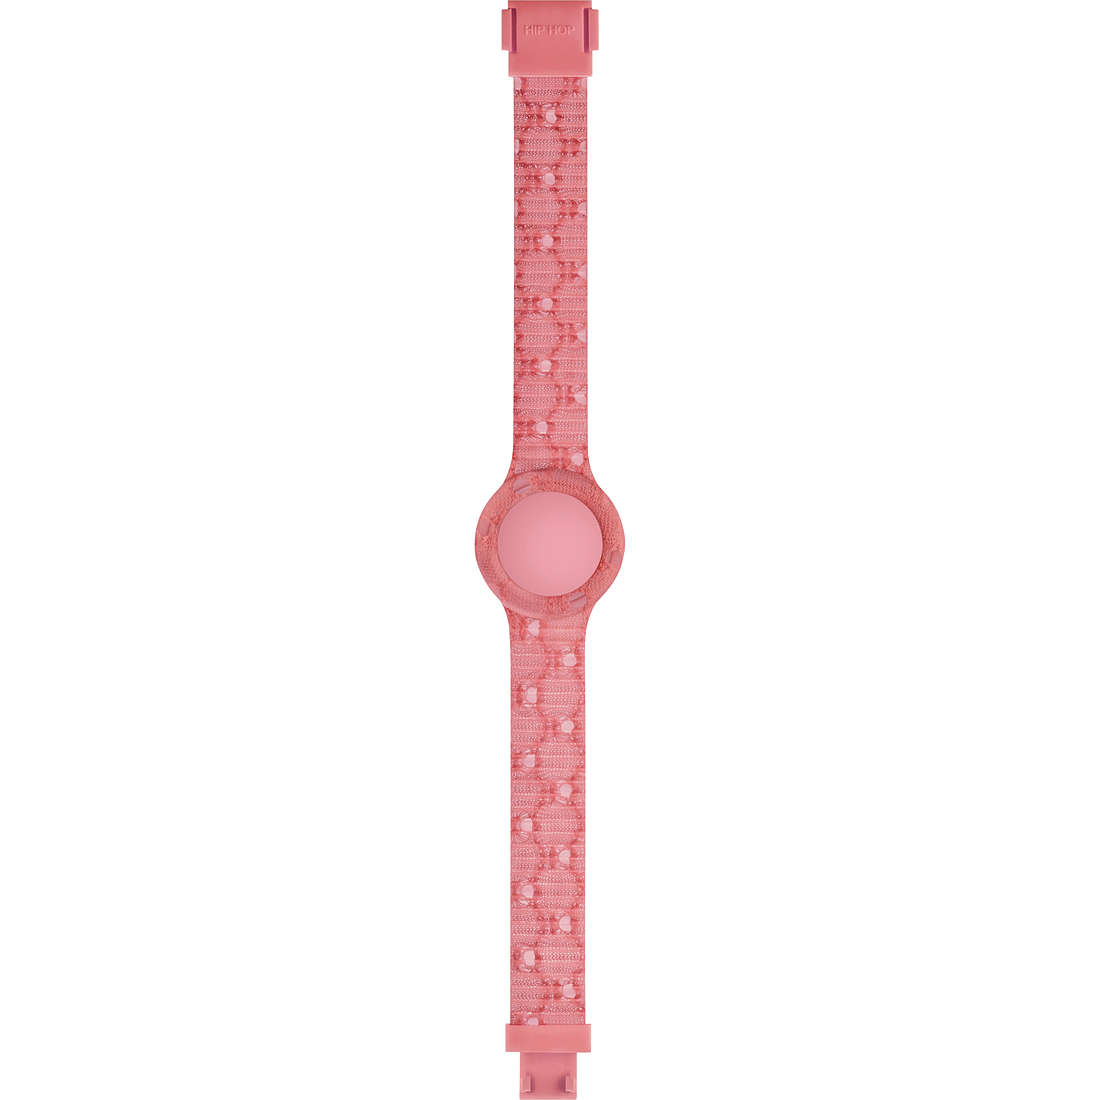 orologio accessorio donna Hip Hop Sangallo HBU0548